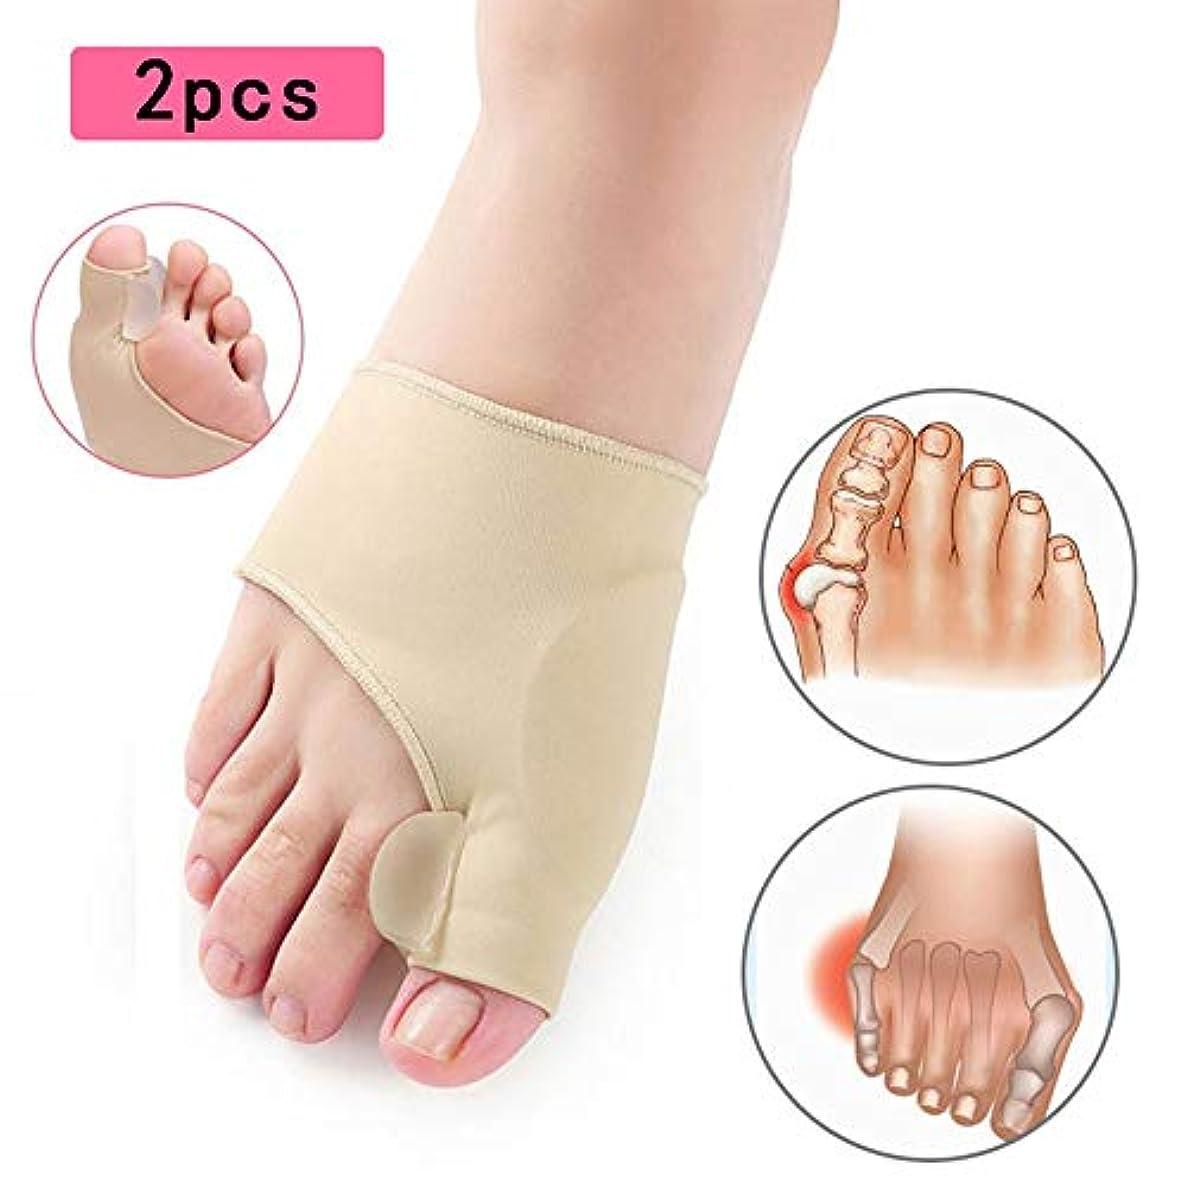 望まない提供されたバイナリ1ペア親指外反母correct矯正大足矯正腱膜瘤パッド、ブレースクッション、ゲルパッドを内蔵、男性と女性の外反母Paの痛みを軽減(アプリコット色)